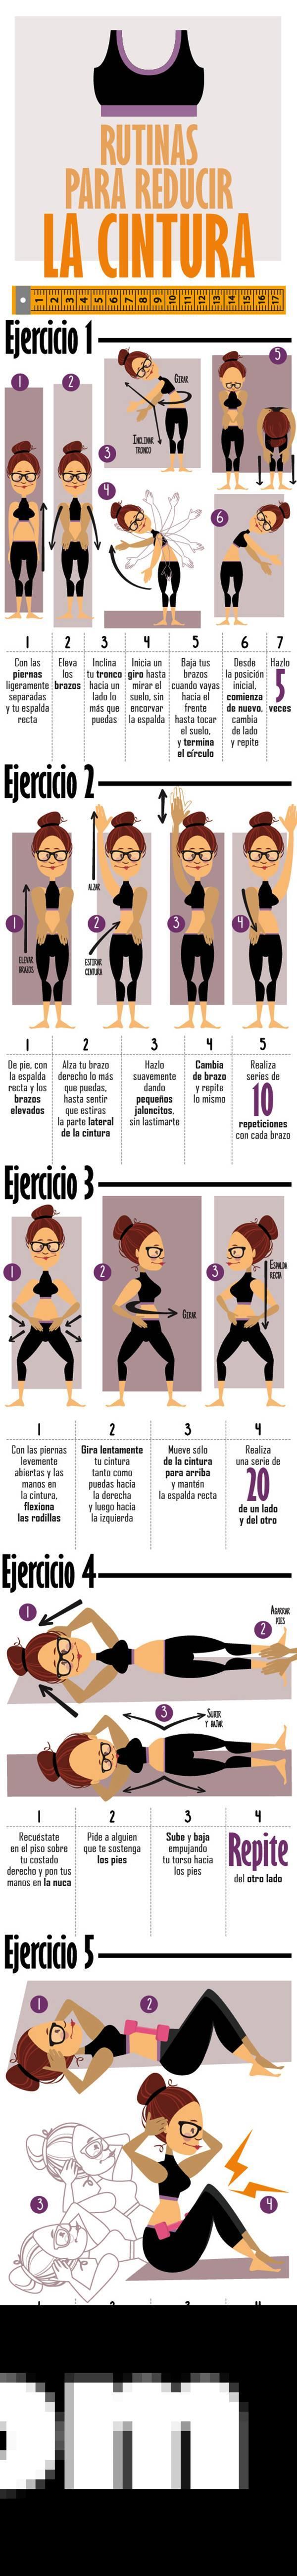 , 5 Ejercicios para reducir la cintura fácilmente, Alimenta y Cura